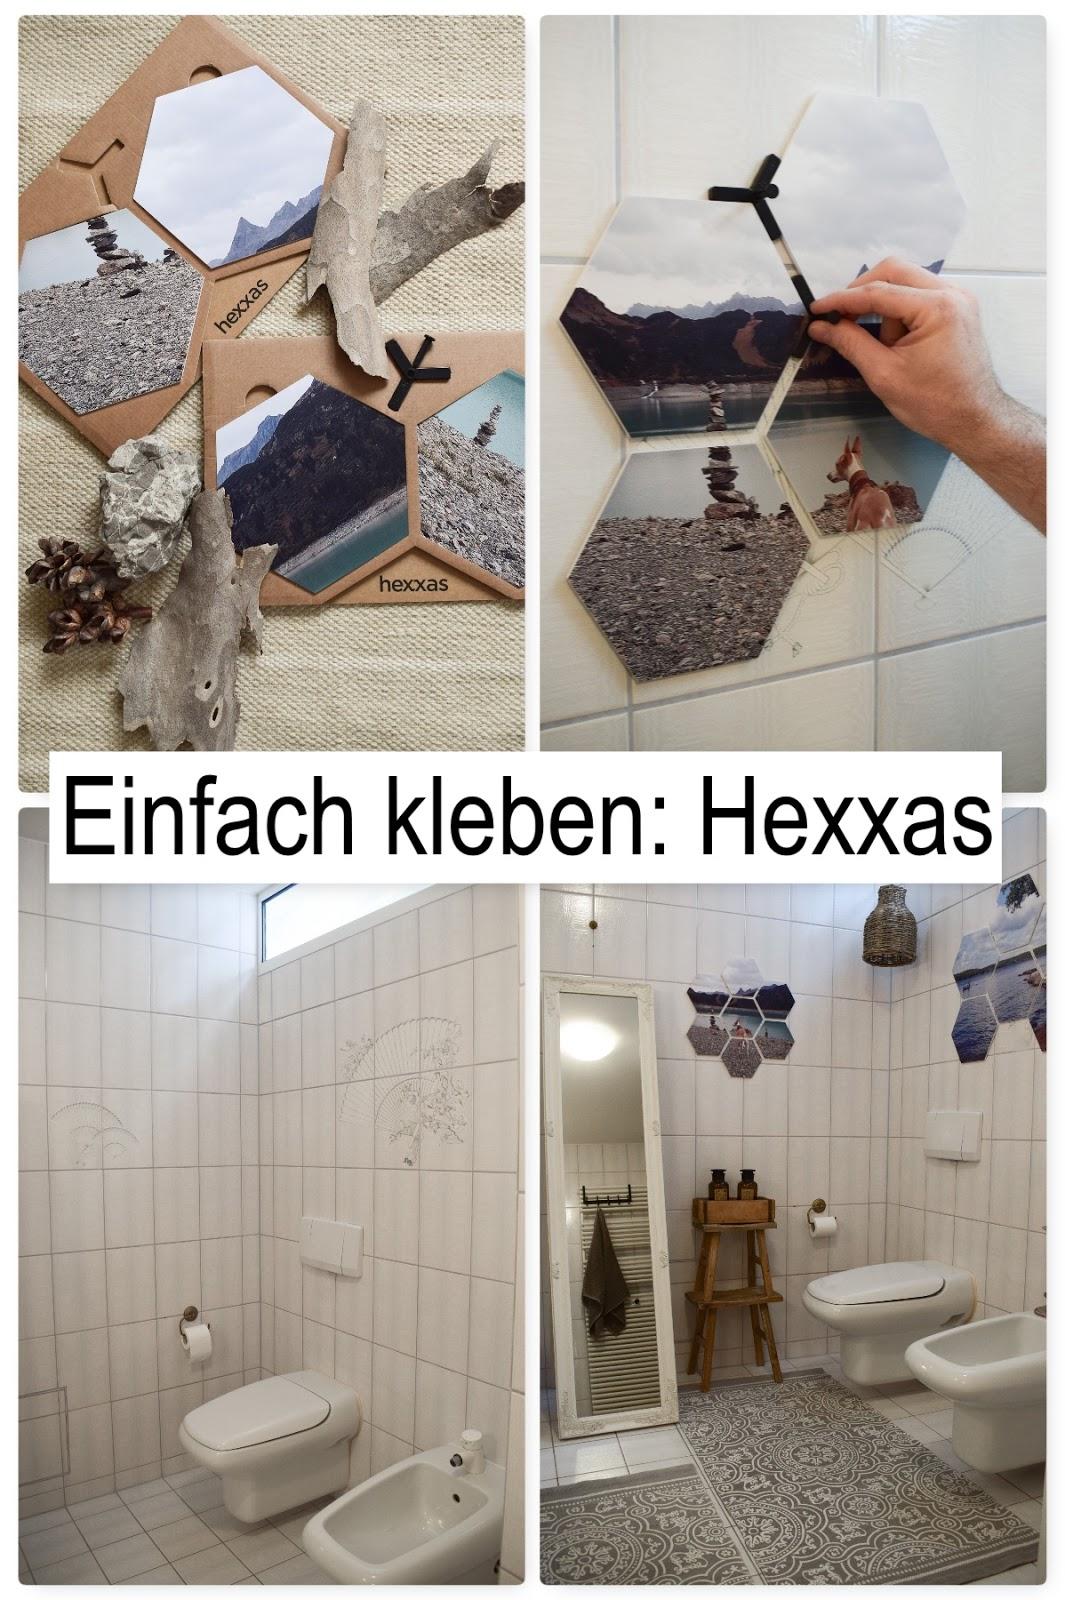 So geht es: Wandgestaltung mit hexxas von Cewe. Einfach Bild auswählen und an die Wand kleben. Wanddeko für Diele, Badezimmer, Esszimmer, Wohnzimmer, Schlafzimmer. Individuelle Dekoidee mit Hexagonen. hexxa Deko für deine Wände. Selber machen